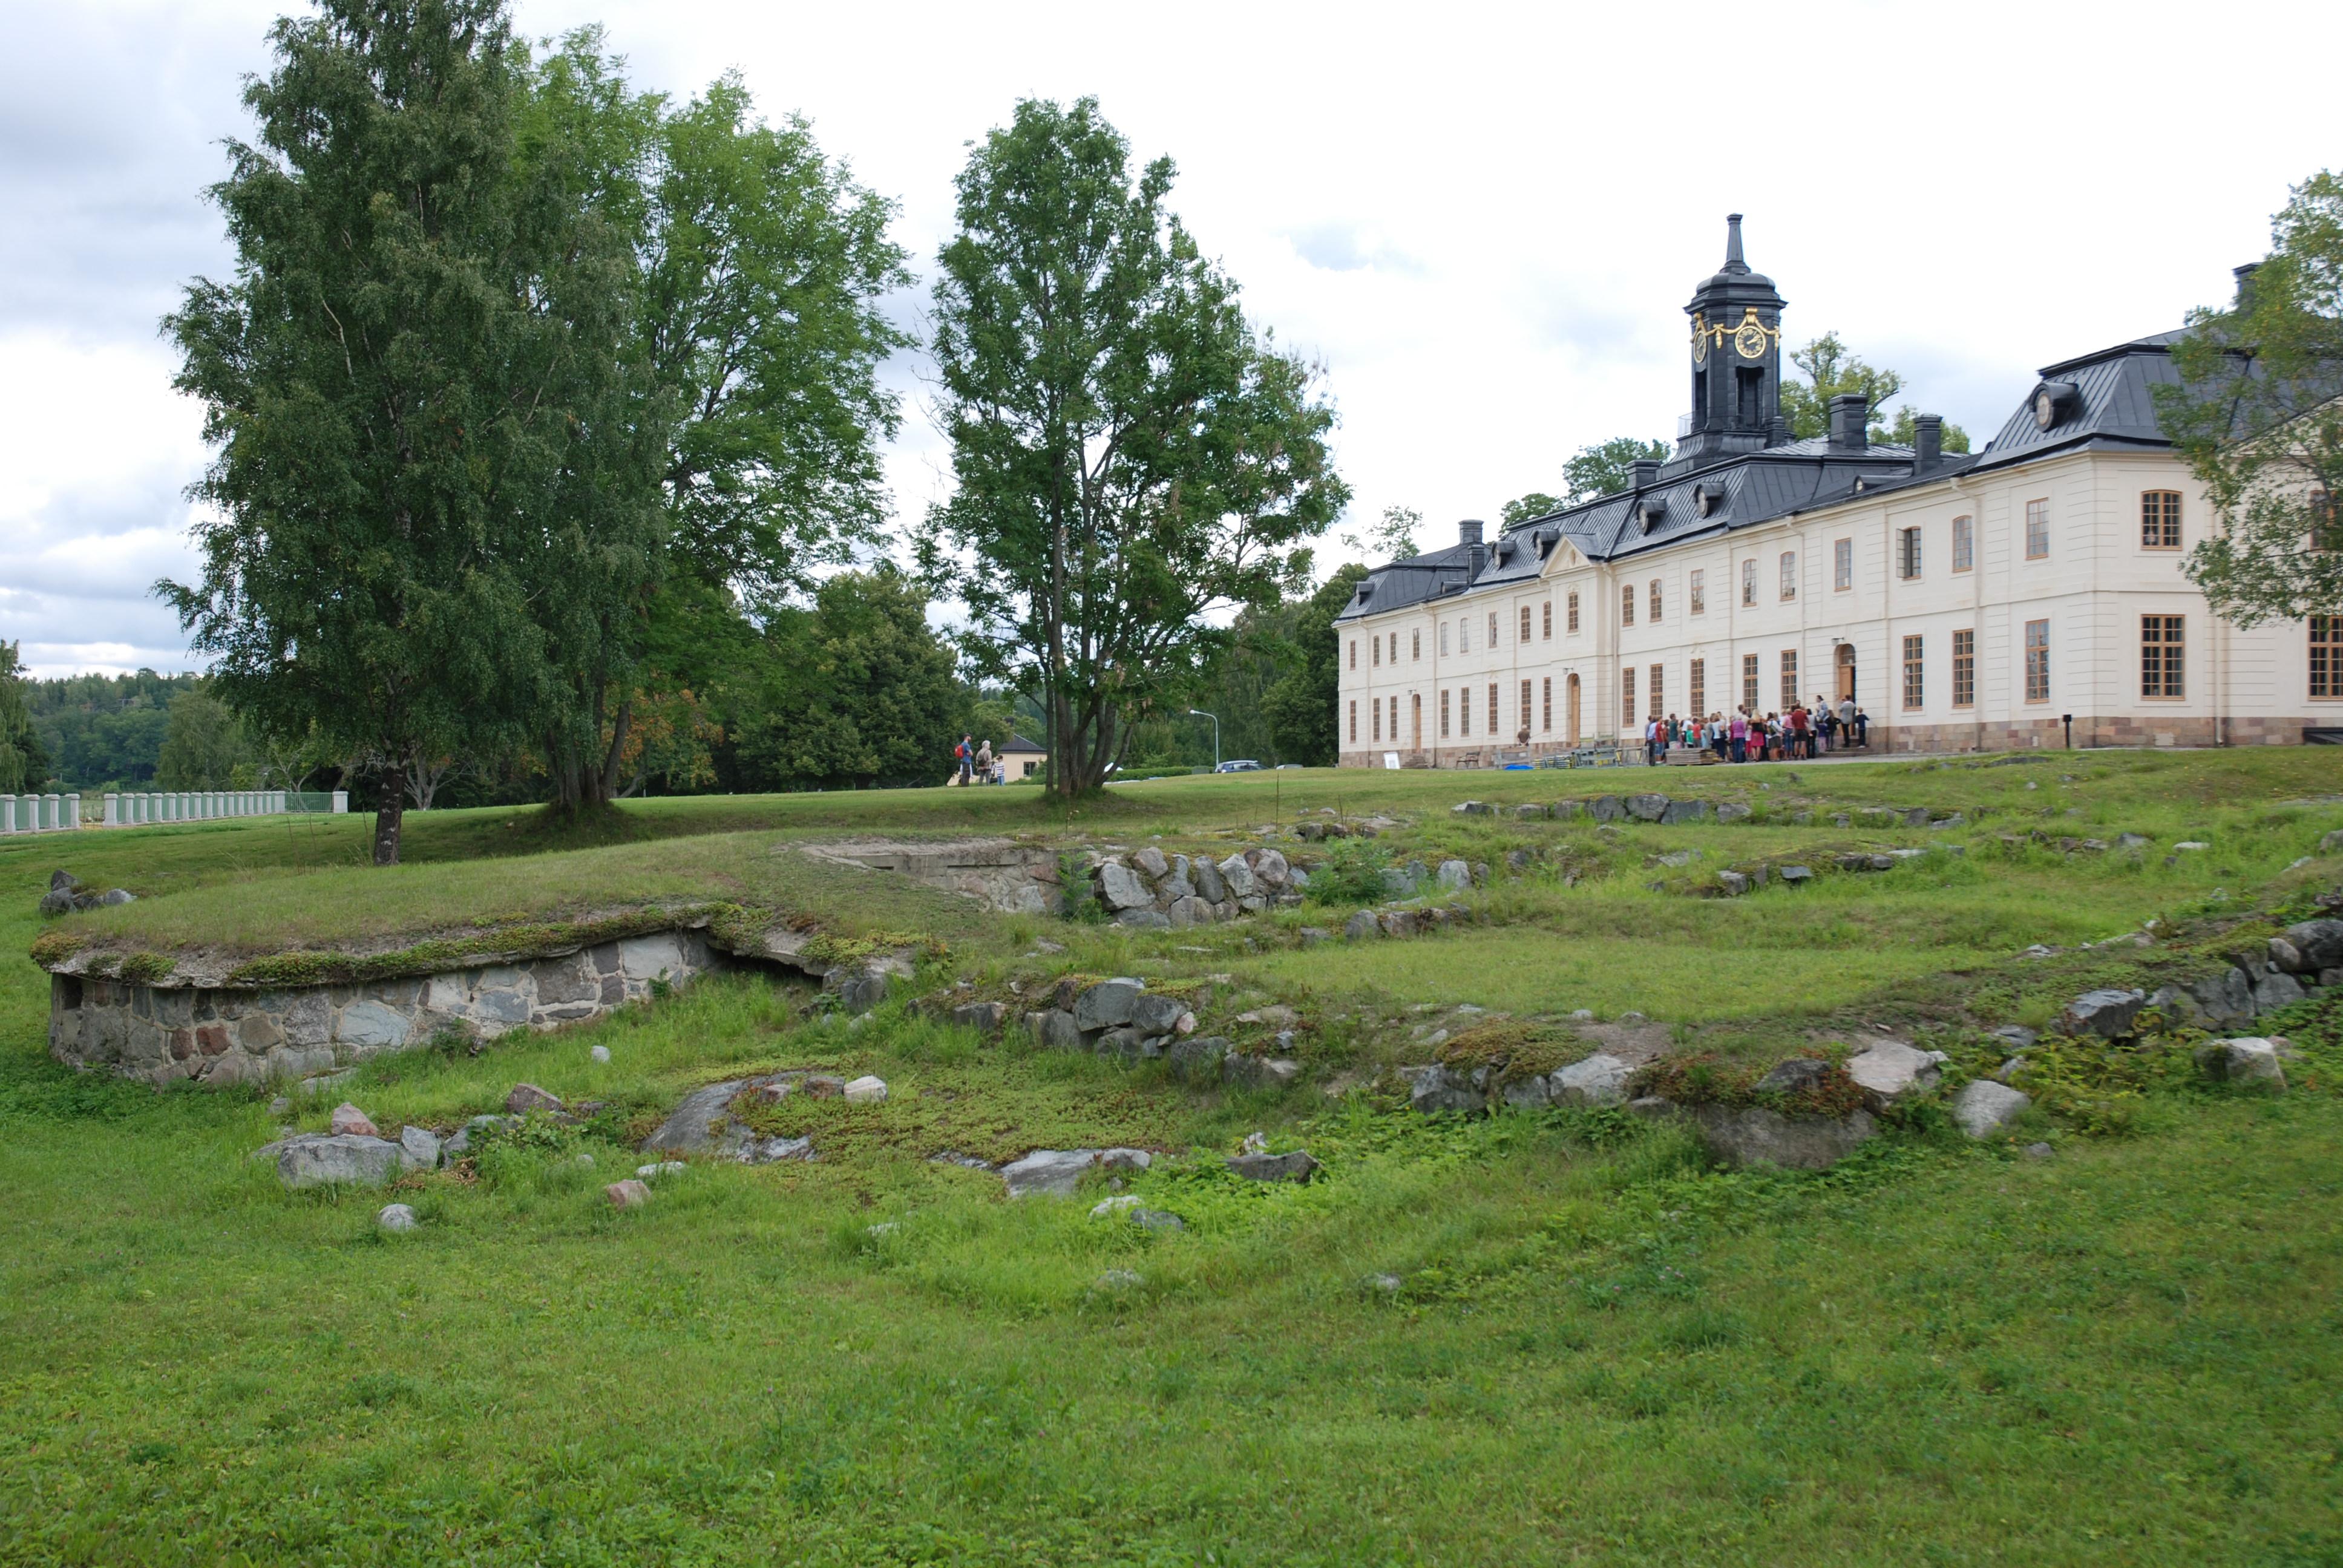 svartsjö slott cafe